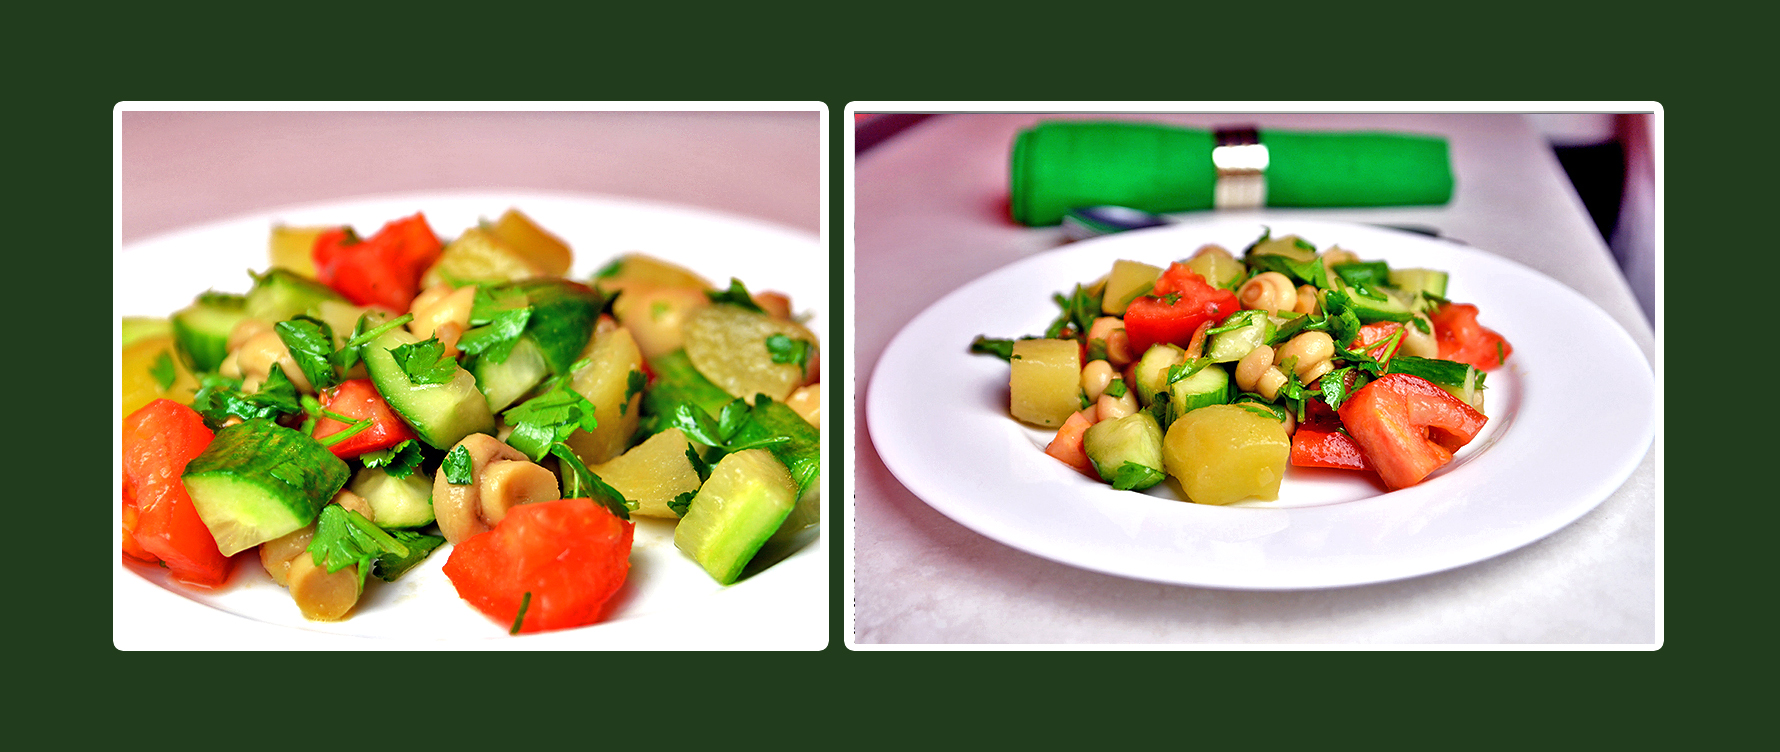 Gesunde Kost mit  Salat aus Gemüse und Pilzen